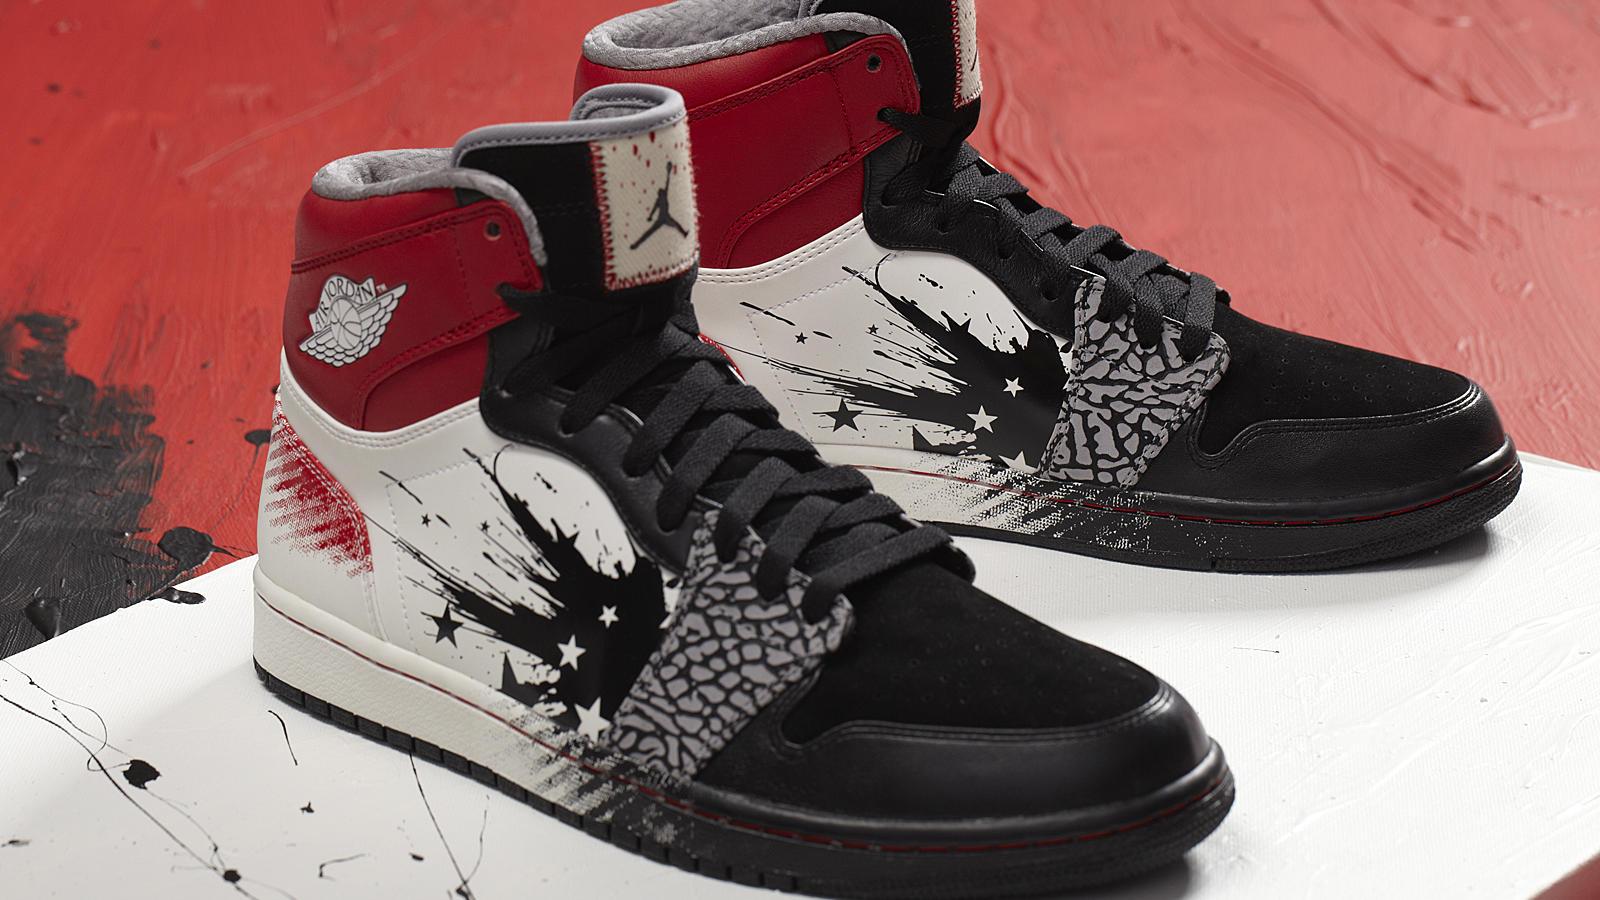 Air Jordan 1 High Dave White to launch